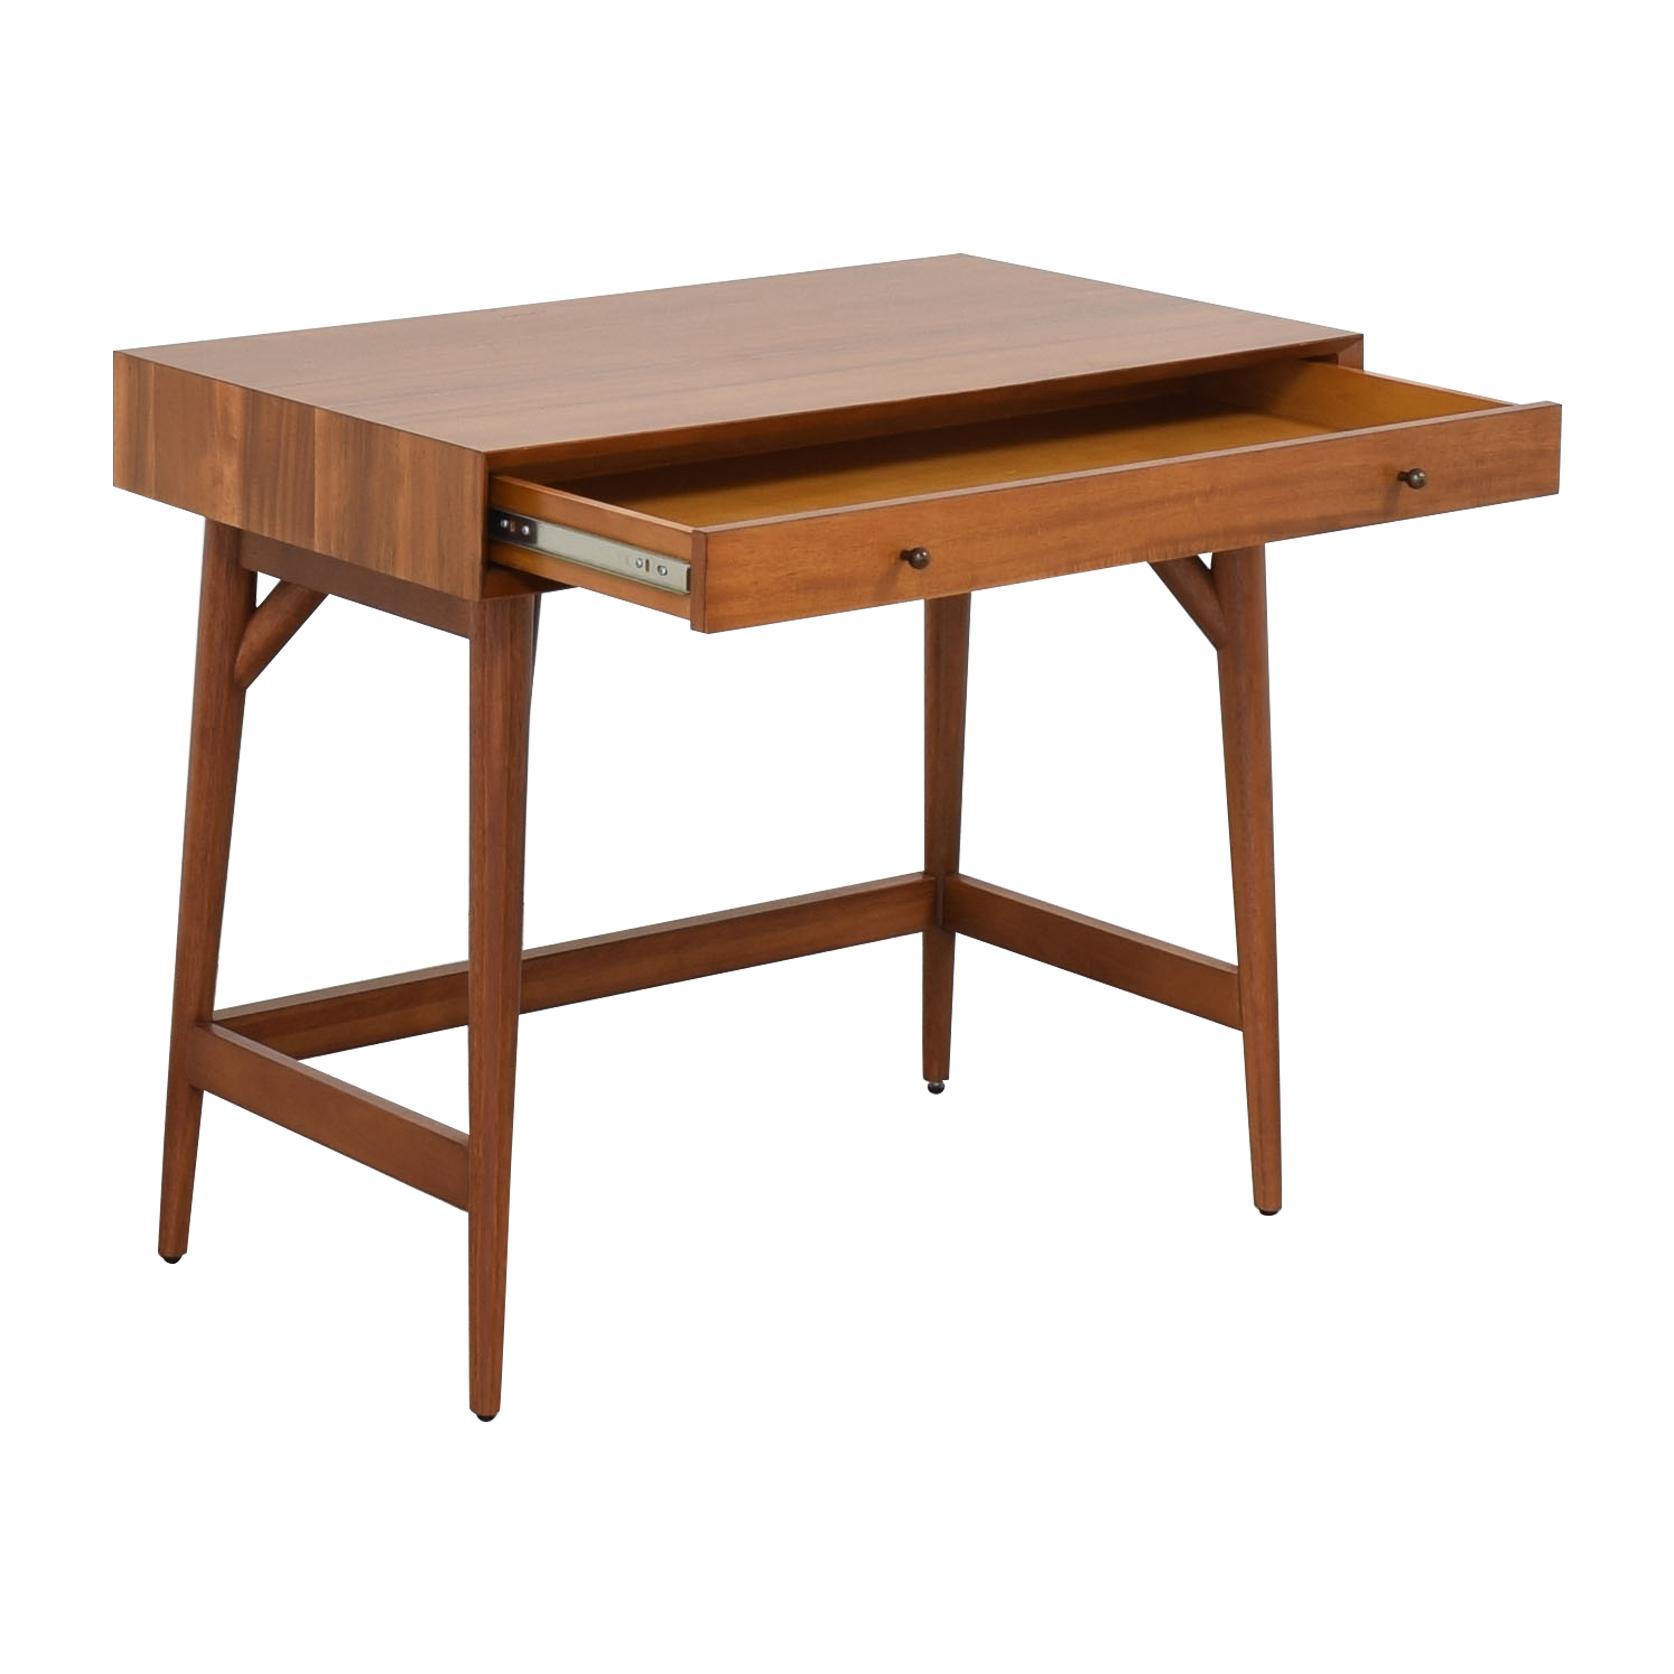 West Elm West Elm Mid Century Mini Desk dimensions